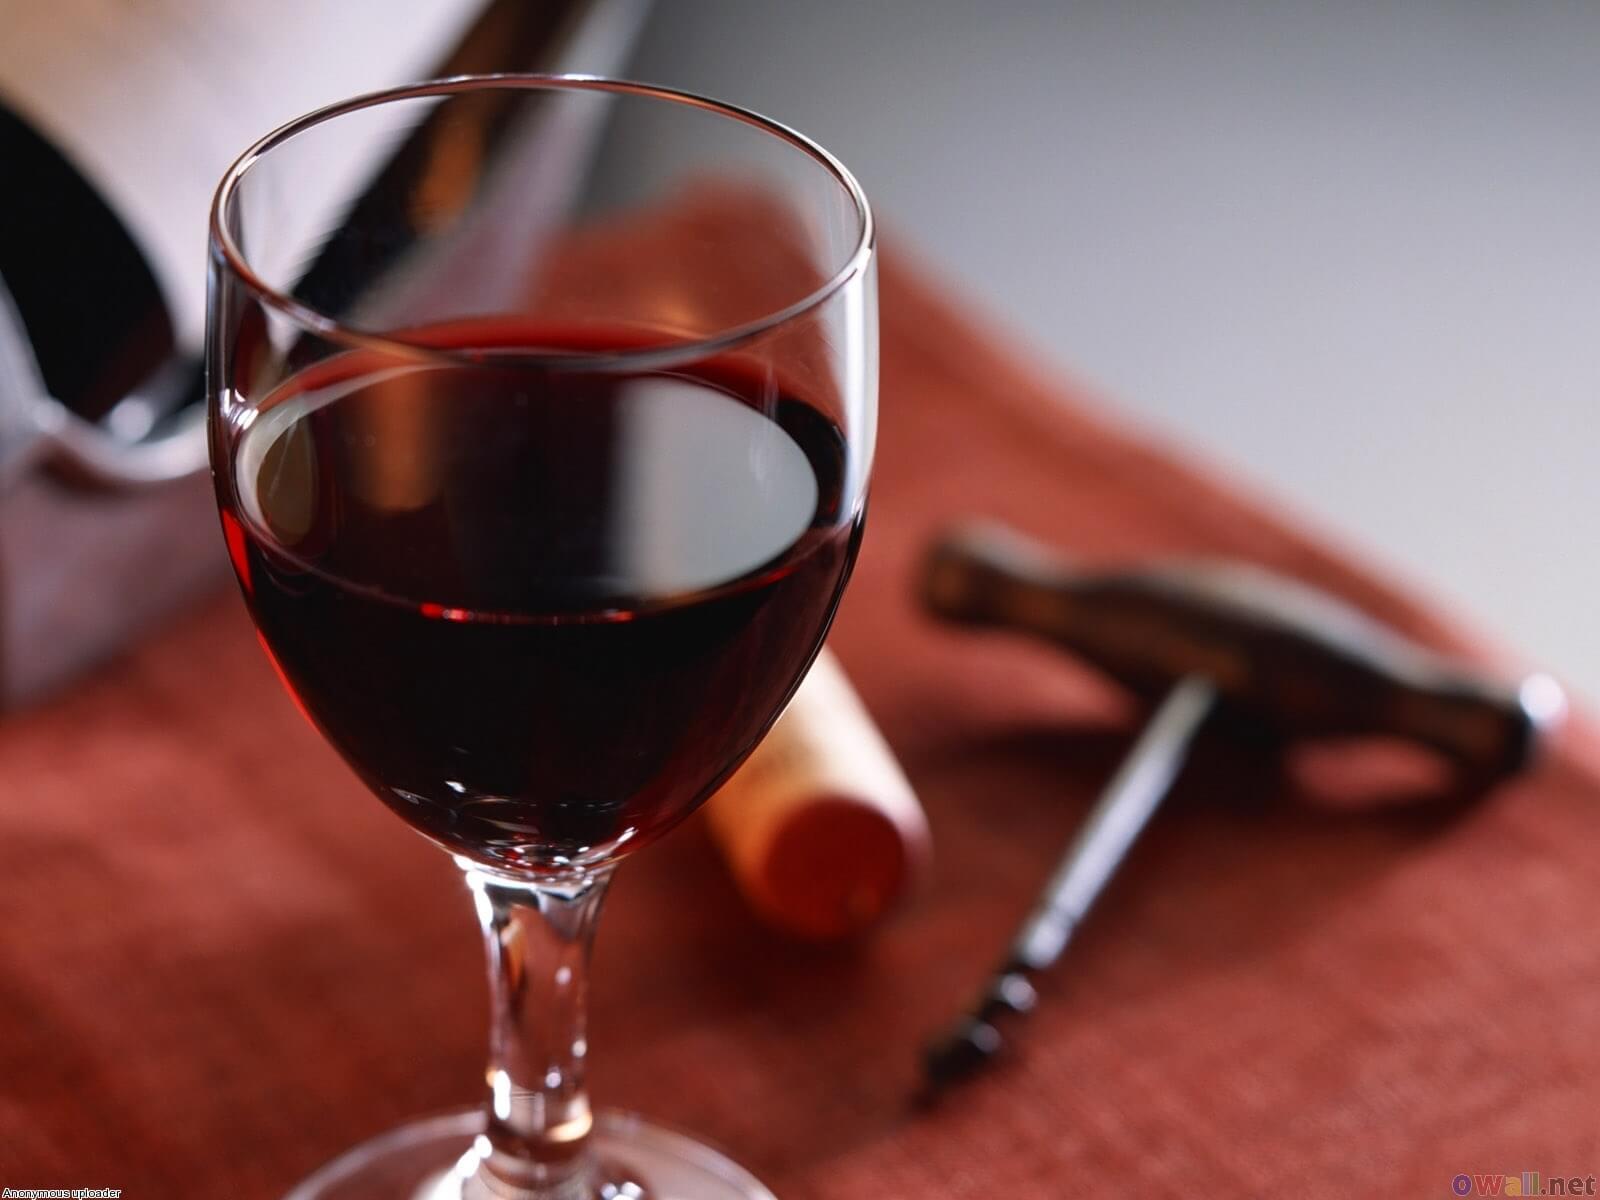 ¿Por qué el vino tinto?